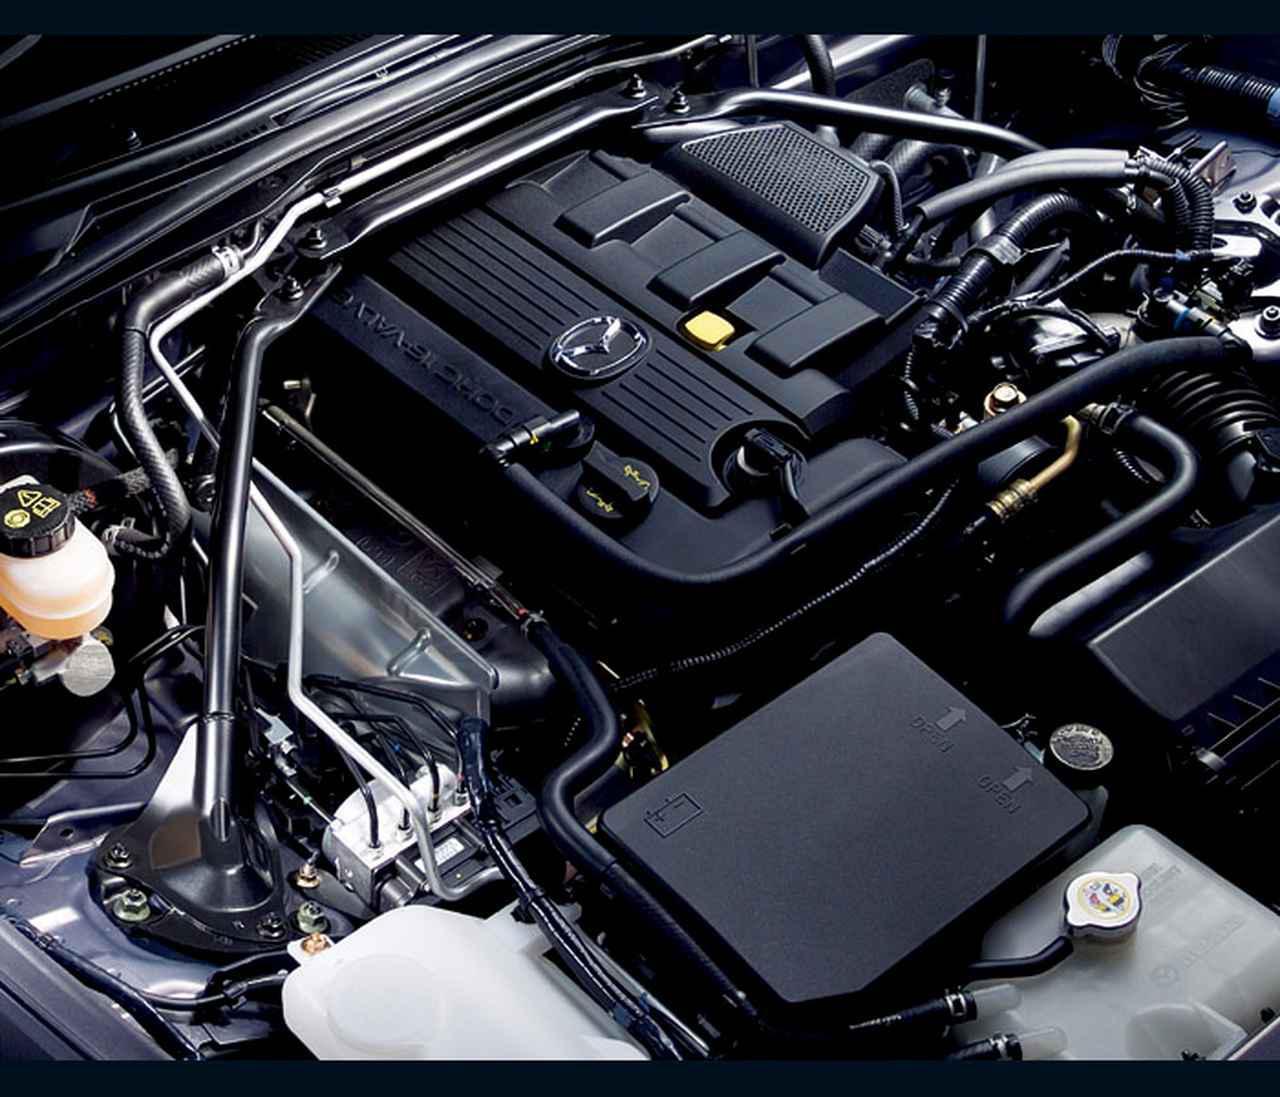 画像: 2L直4DOHCユニットは170psを発生。NB型ロードスターから45psのパワーアップとなり、よりエキサイティングなレースが可能となった。